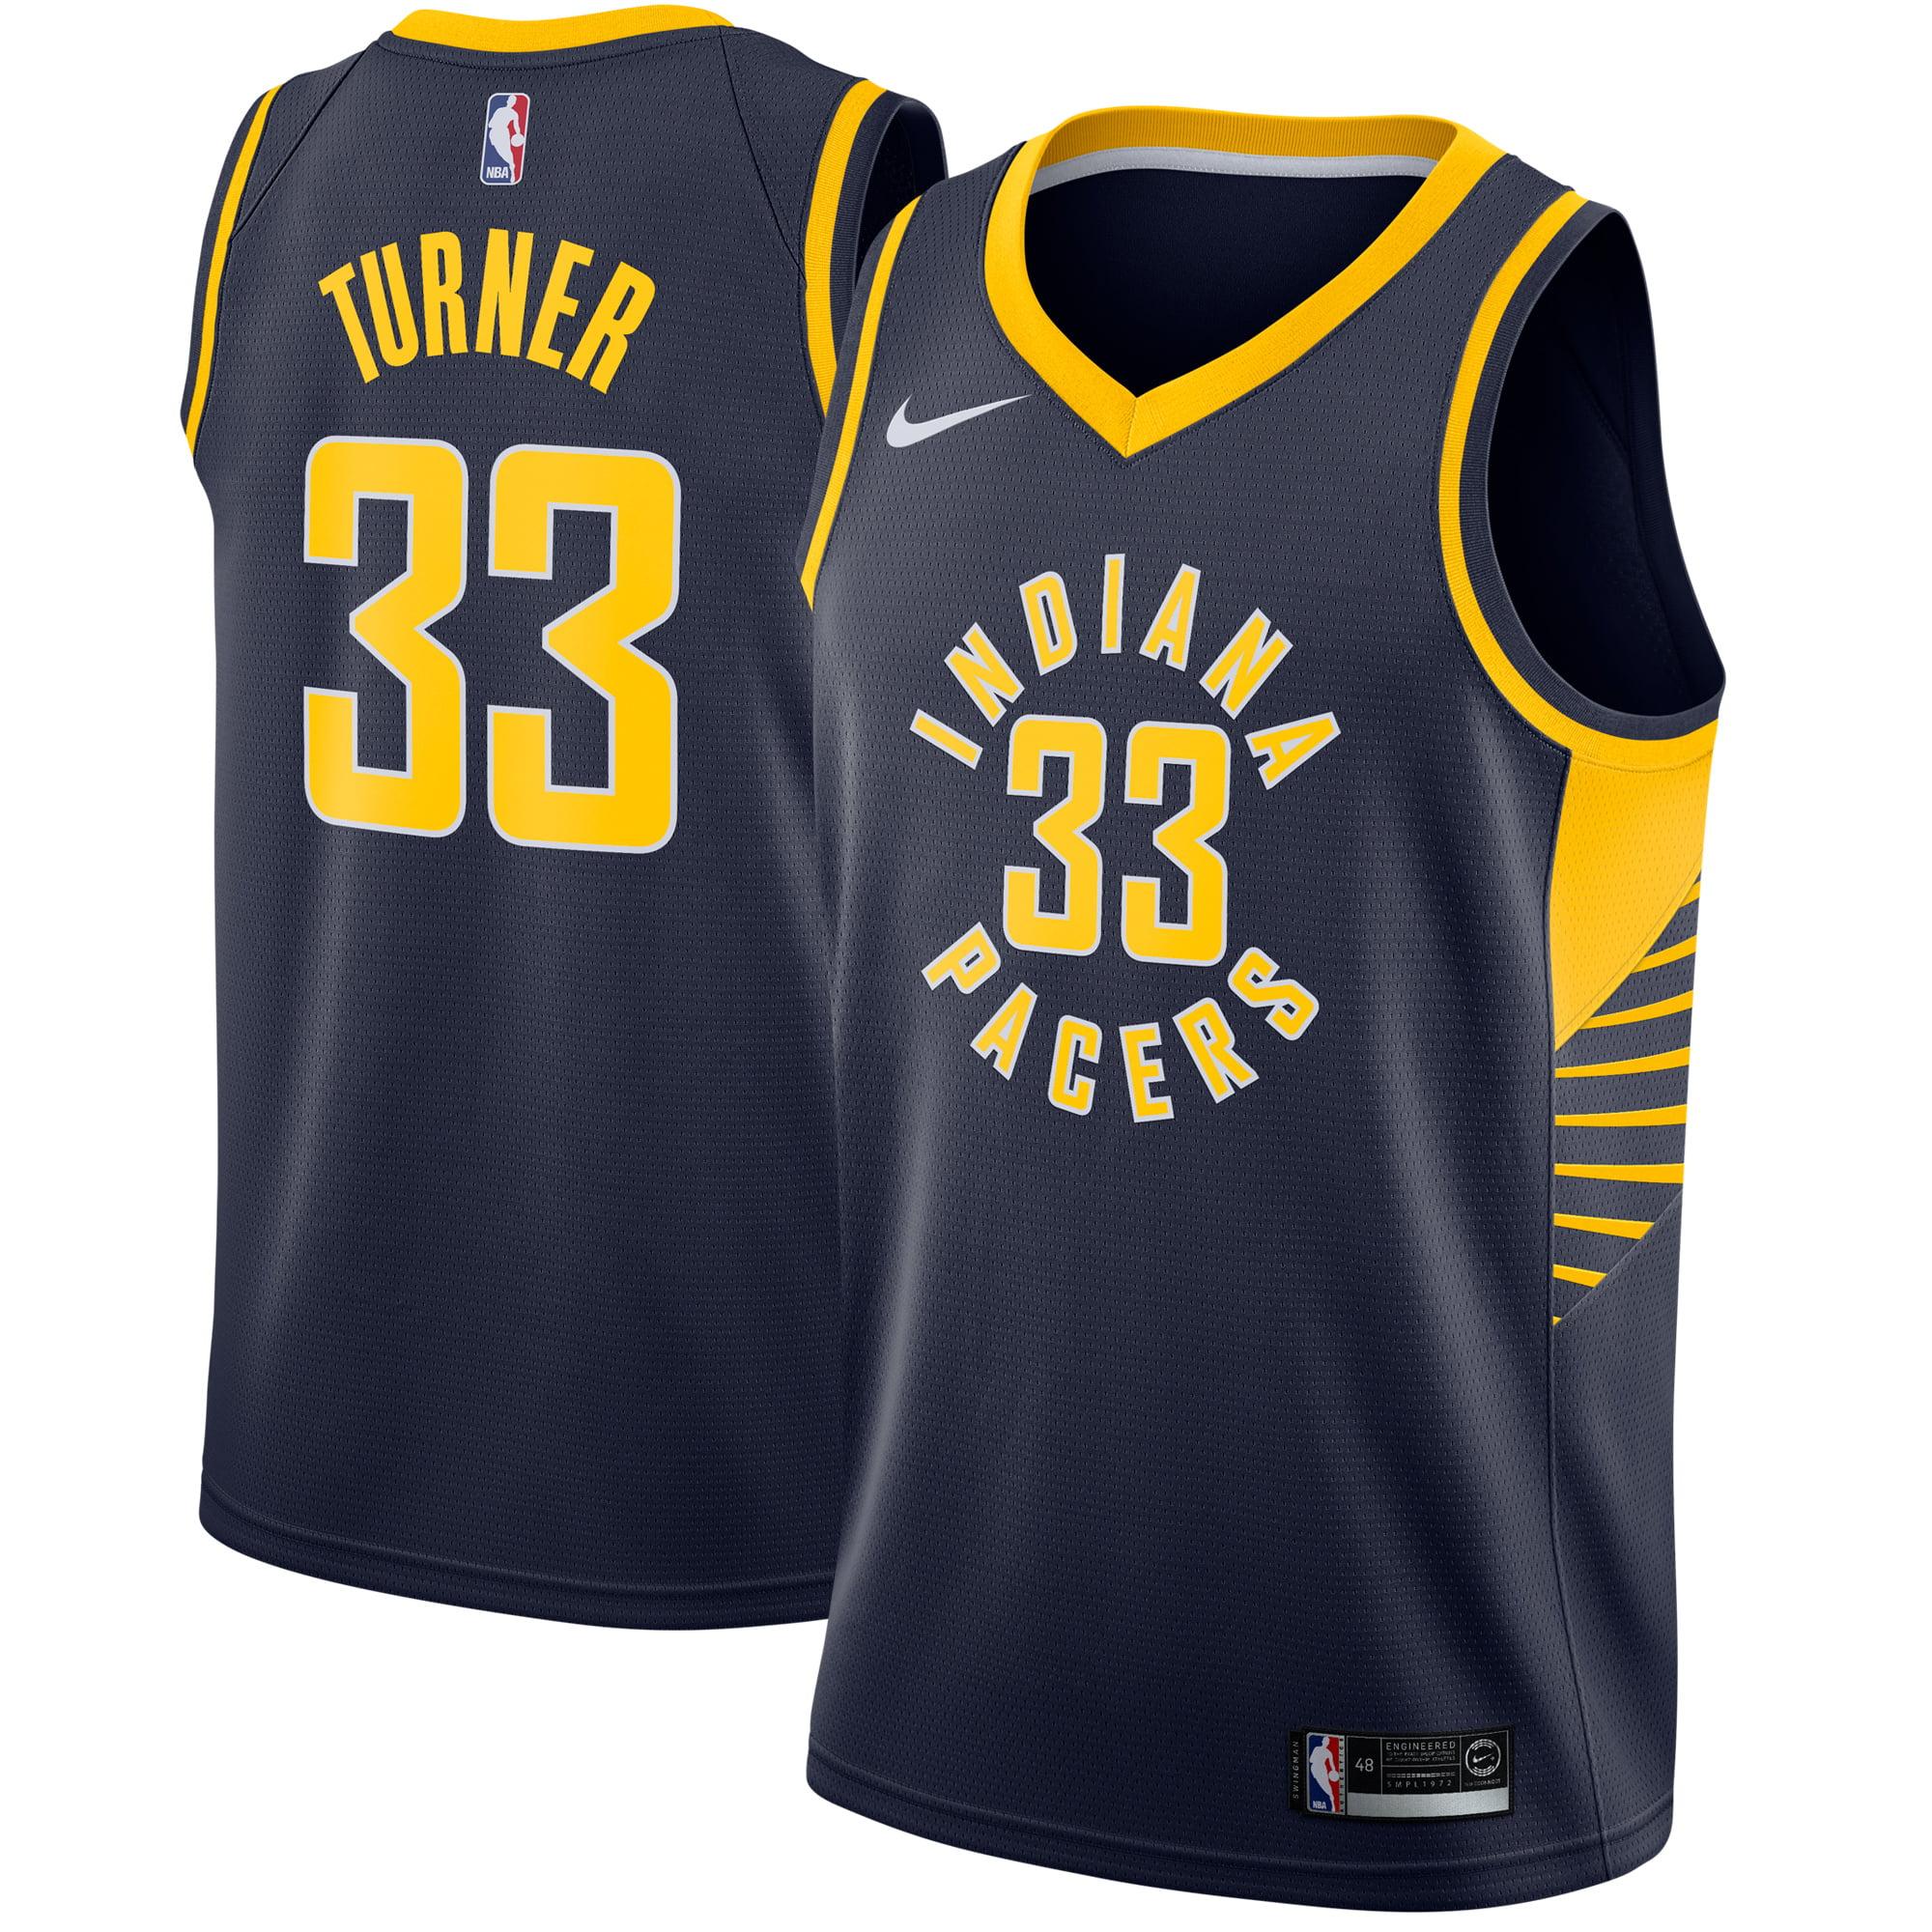 5ca6782e Indiana Pacers Team Shop - Walmart.com